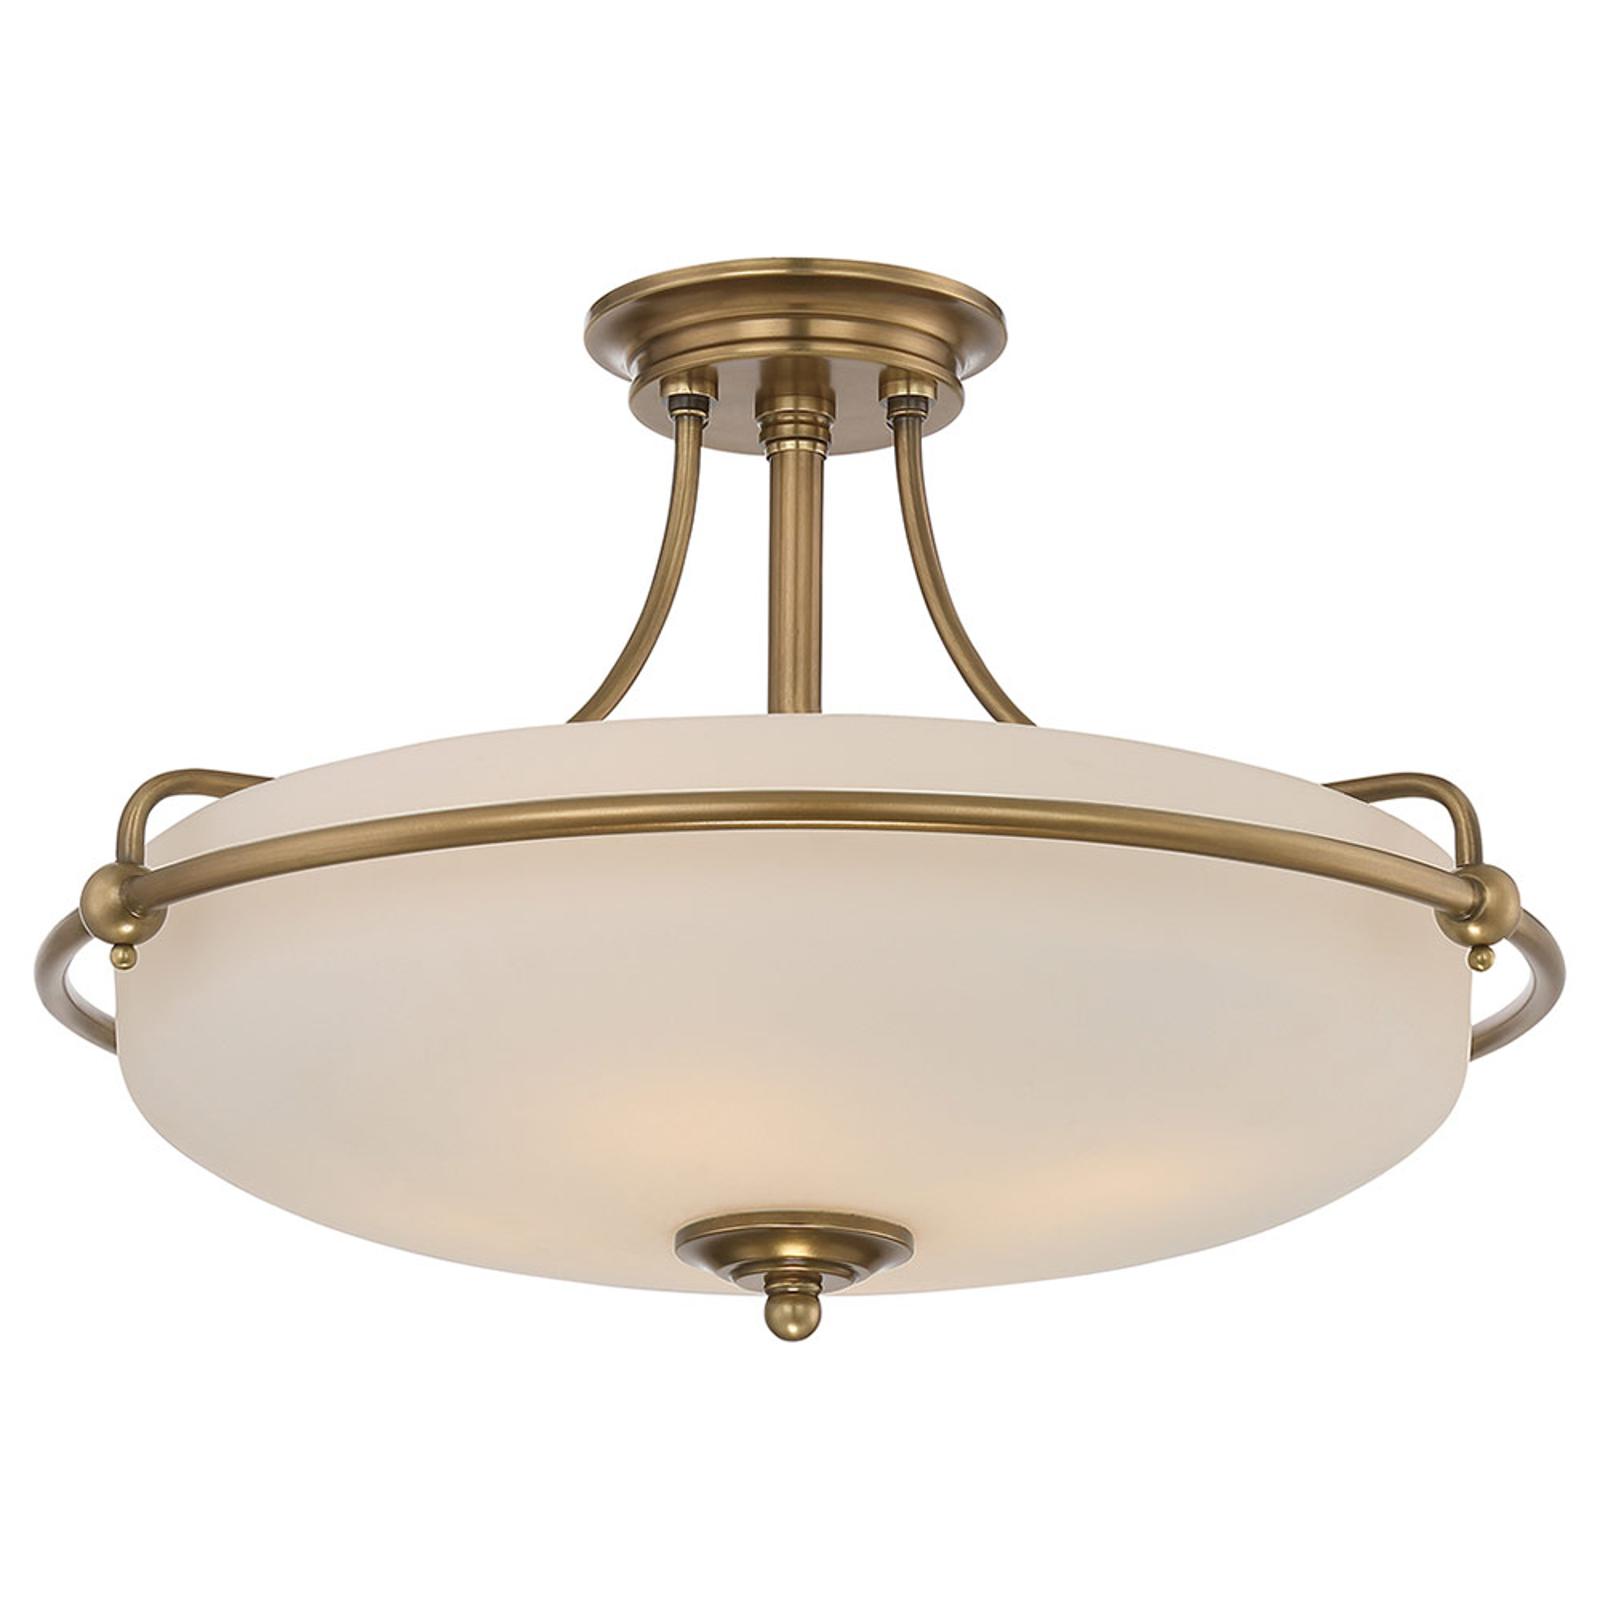 Lampa sufitowa Griffin z dystansem, mosiądz, Ø53cm